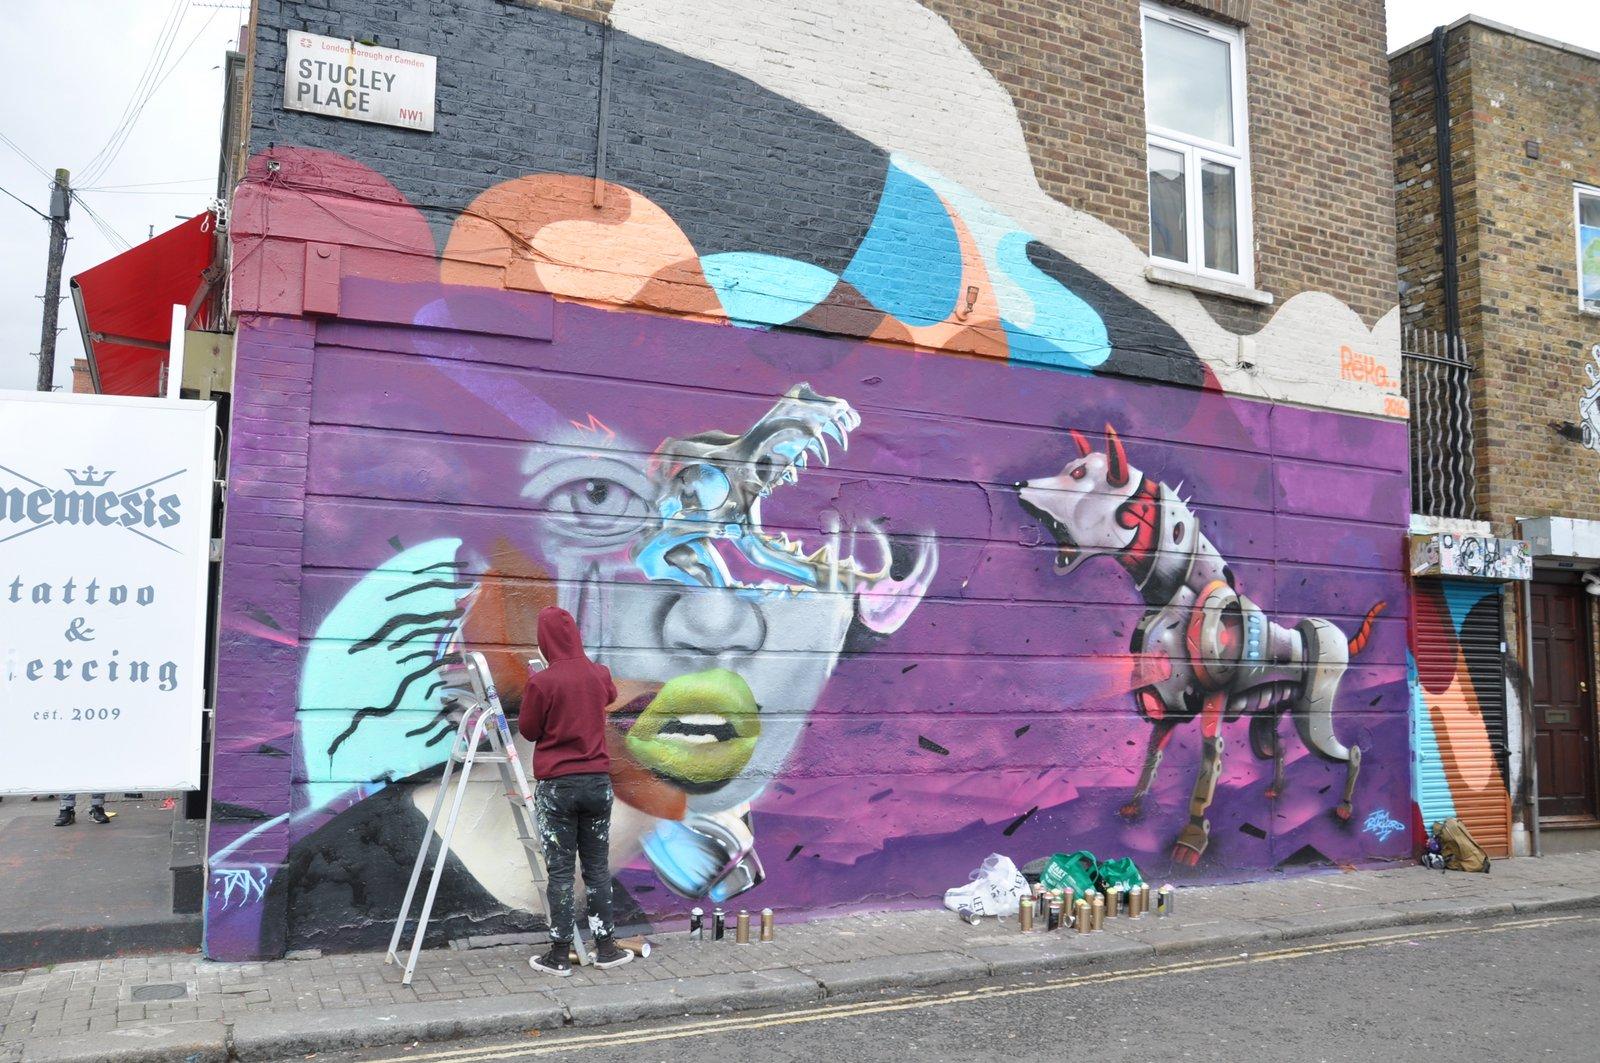 Une fresque de street-art est vite remplacée par une autre... ici un artiste en plein travail